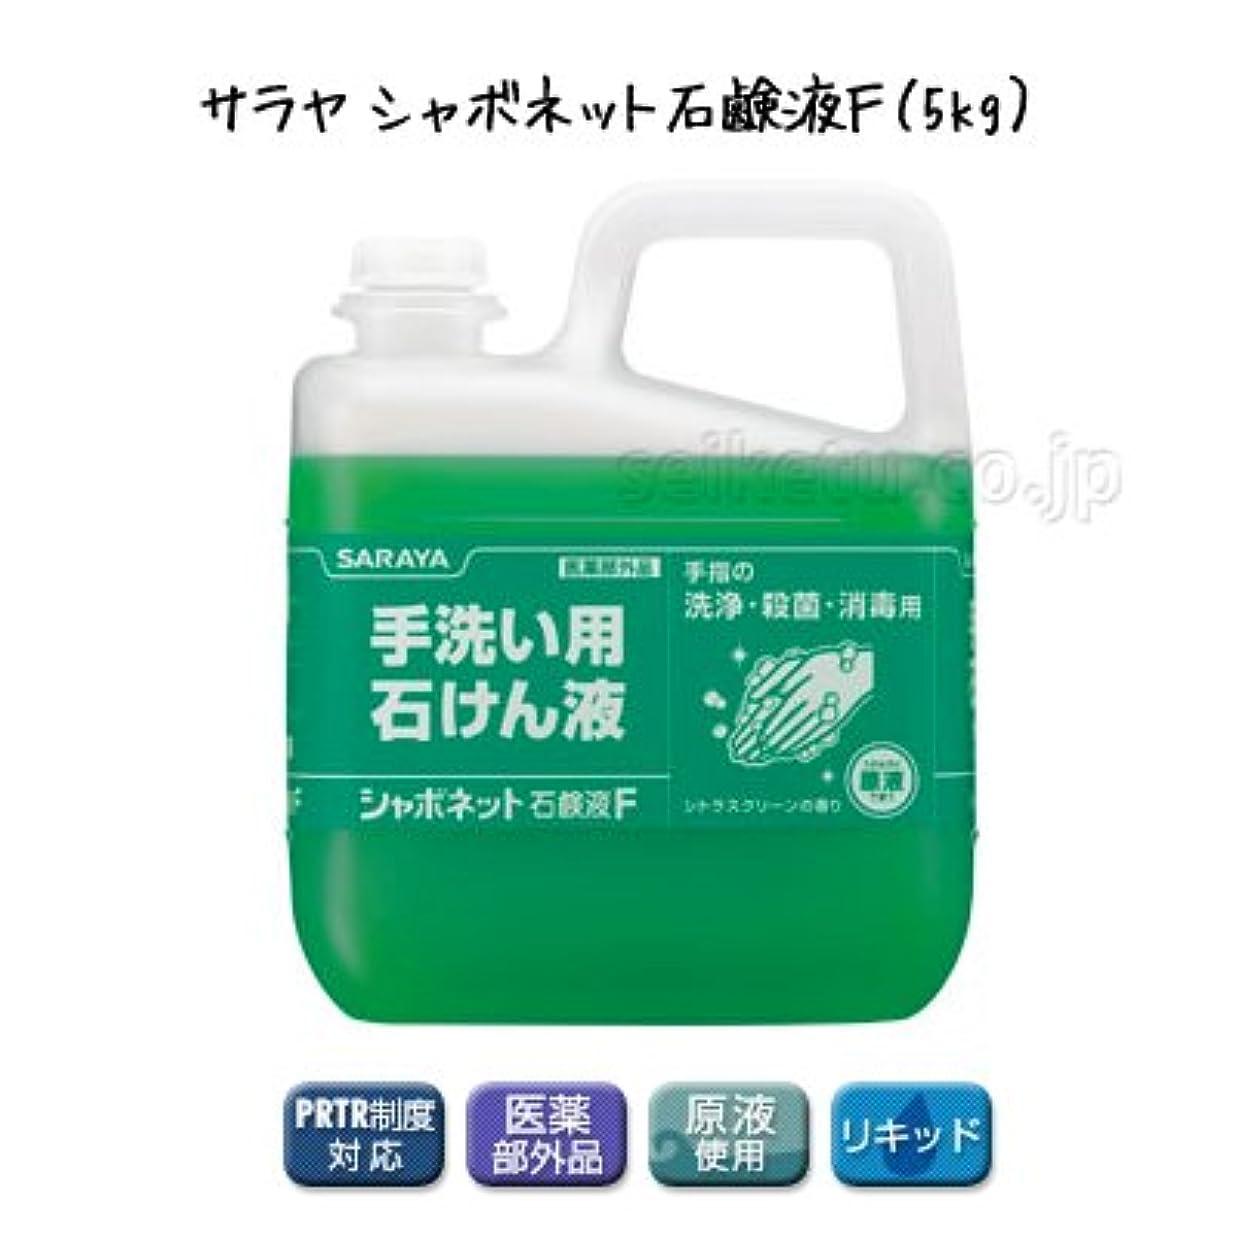 略すモノグラフシーケンス【清潔キレイ館】サラヤ シャボネット石鹸液F(5kg)